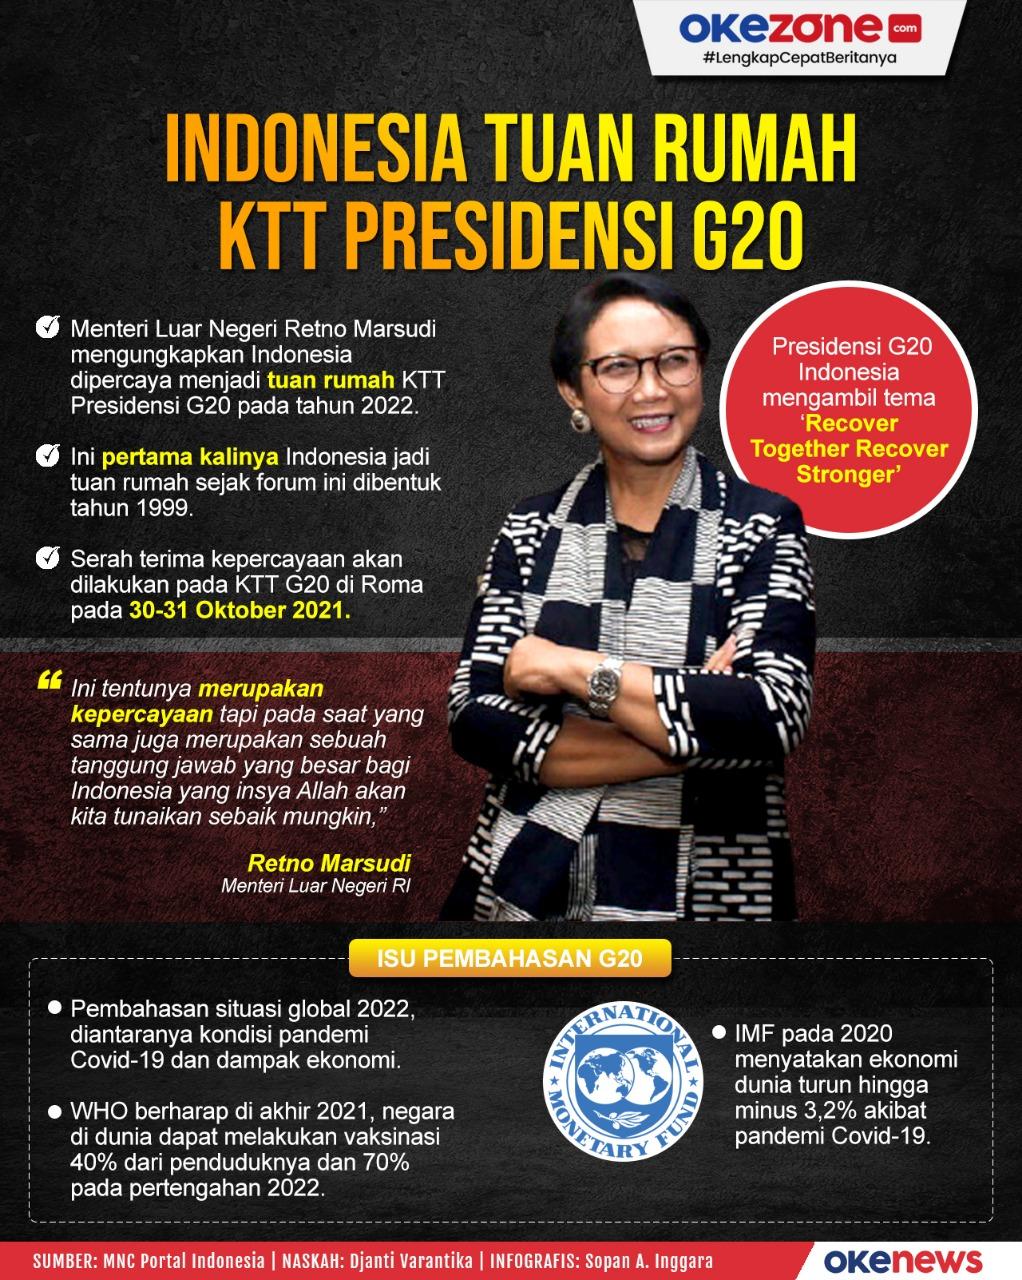 Indonesia Tuan Rumah KTT Presidensi G20 -